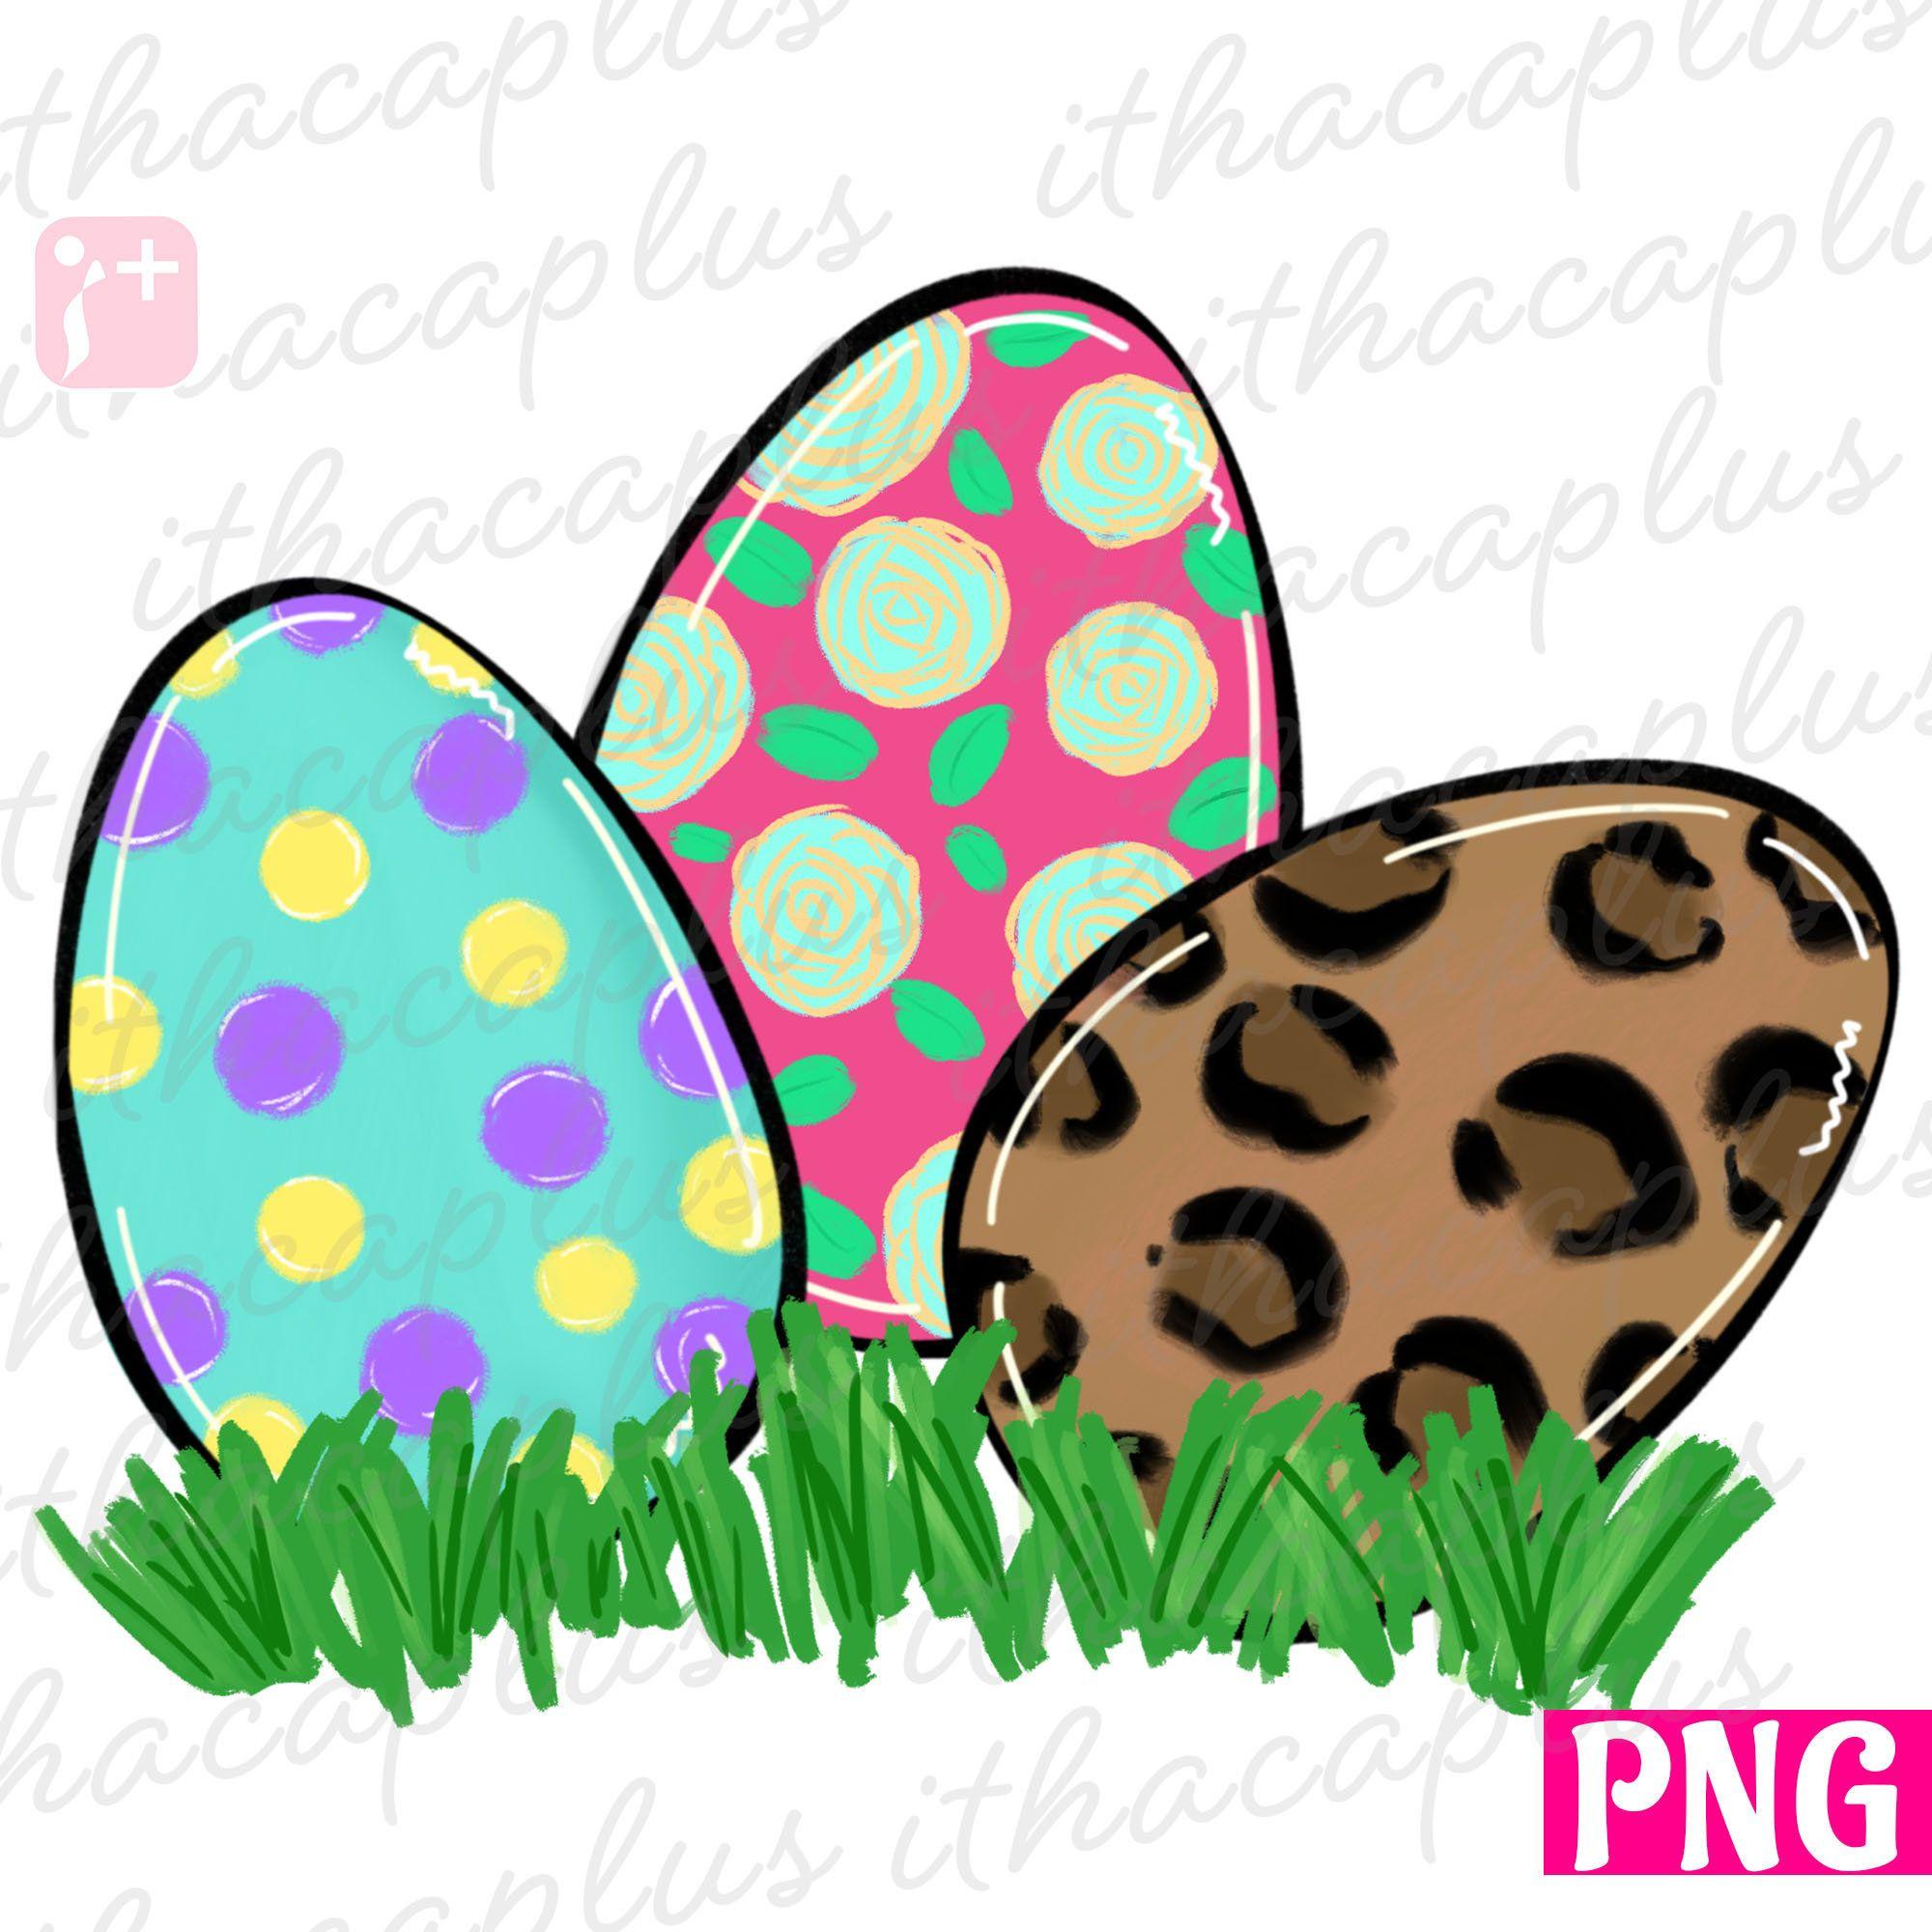 Easter Egg Png Leopard Easter Egg Png Colorful Egg Flower Egg Pink Easter Egg Easter Egg Clipart Easter Egg Sublimation Easter Print In 2021 Easter Colors Easter Coloring Pages Easter Eggs